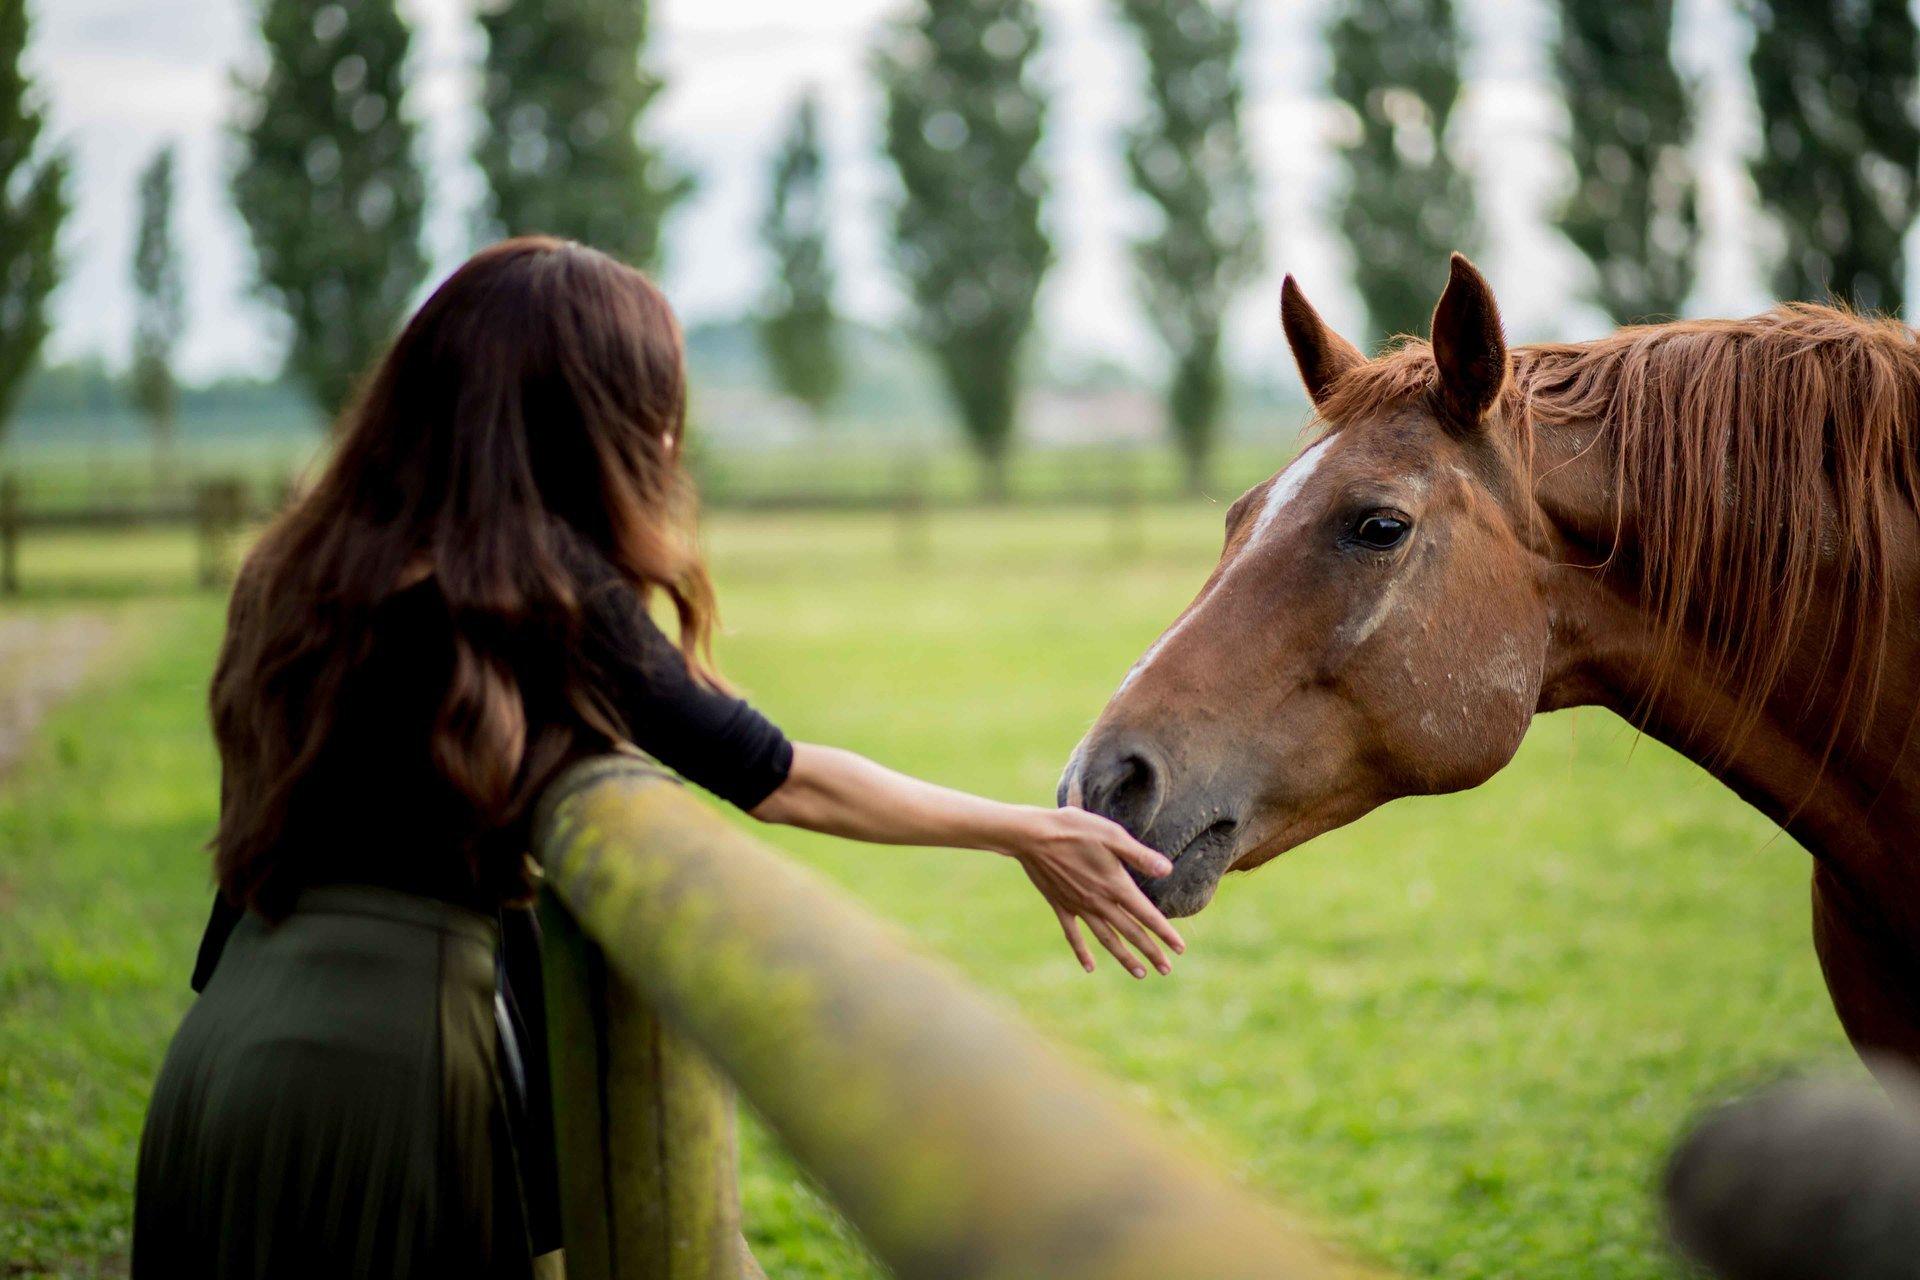 bambina che accarezzza cavallo